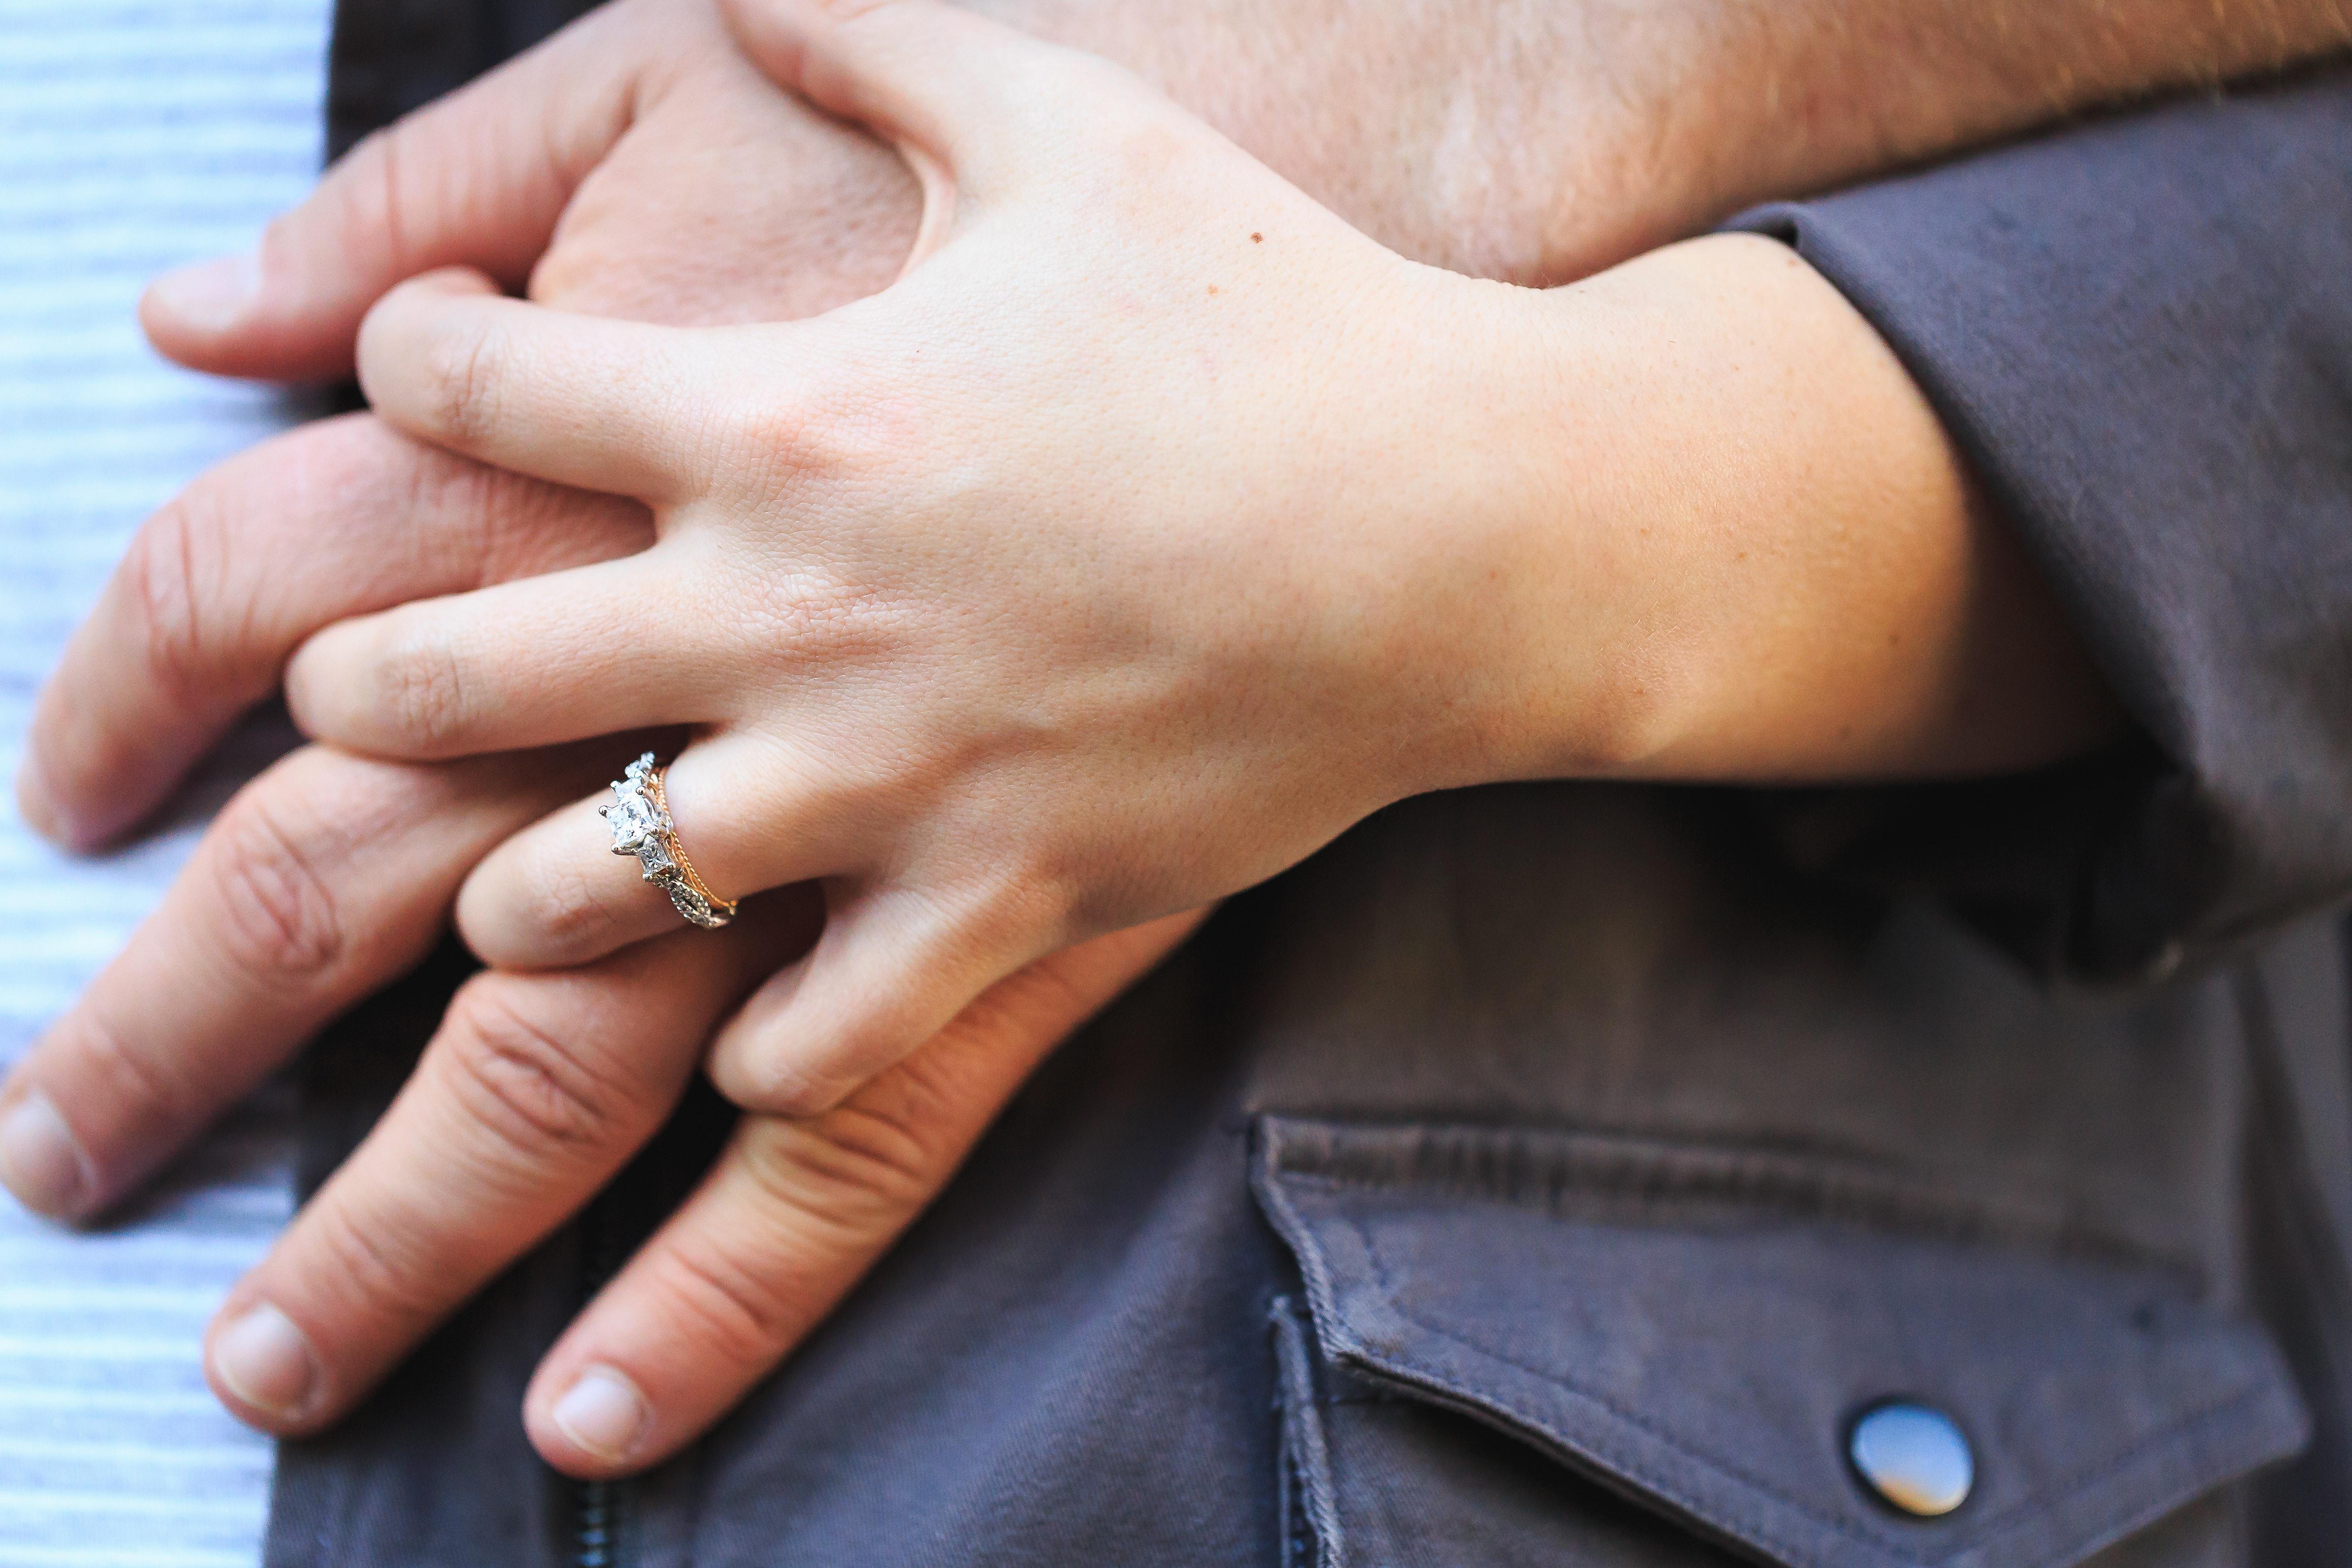 hình ảnh : Tình cảm, Đóng lên, Vợ chồng, nhẫn đính hôn, Ngón tay, Tay, nắm tay, yêu, Quan hệ, da, cùng với nhau, Sự gần gũi 5472x3648